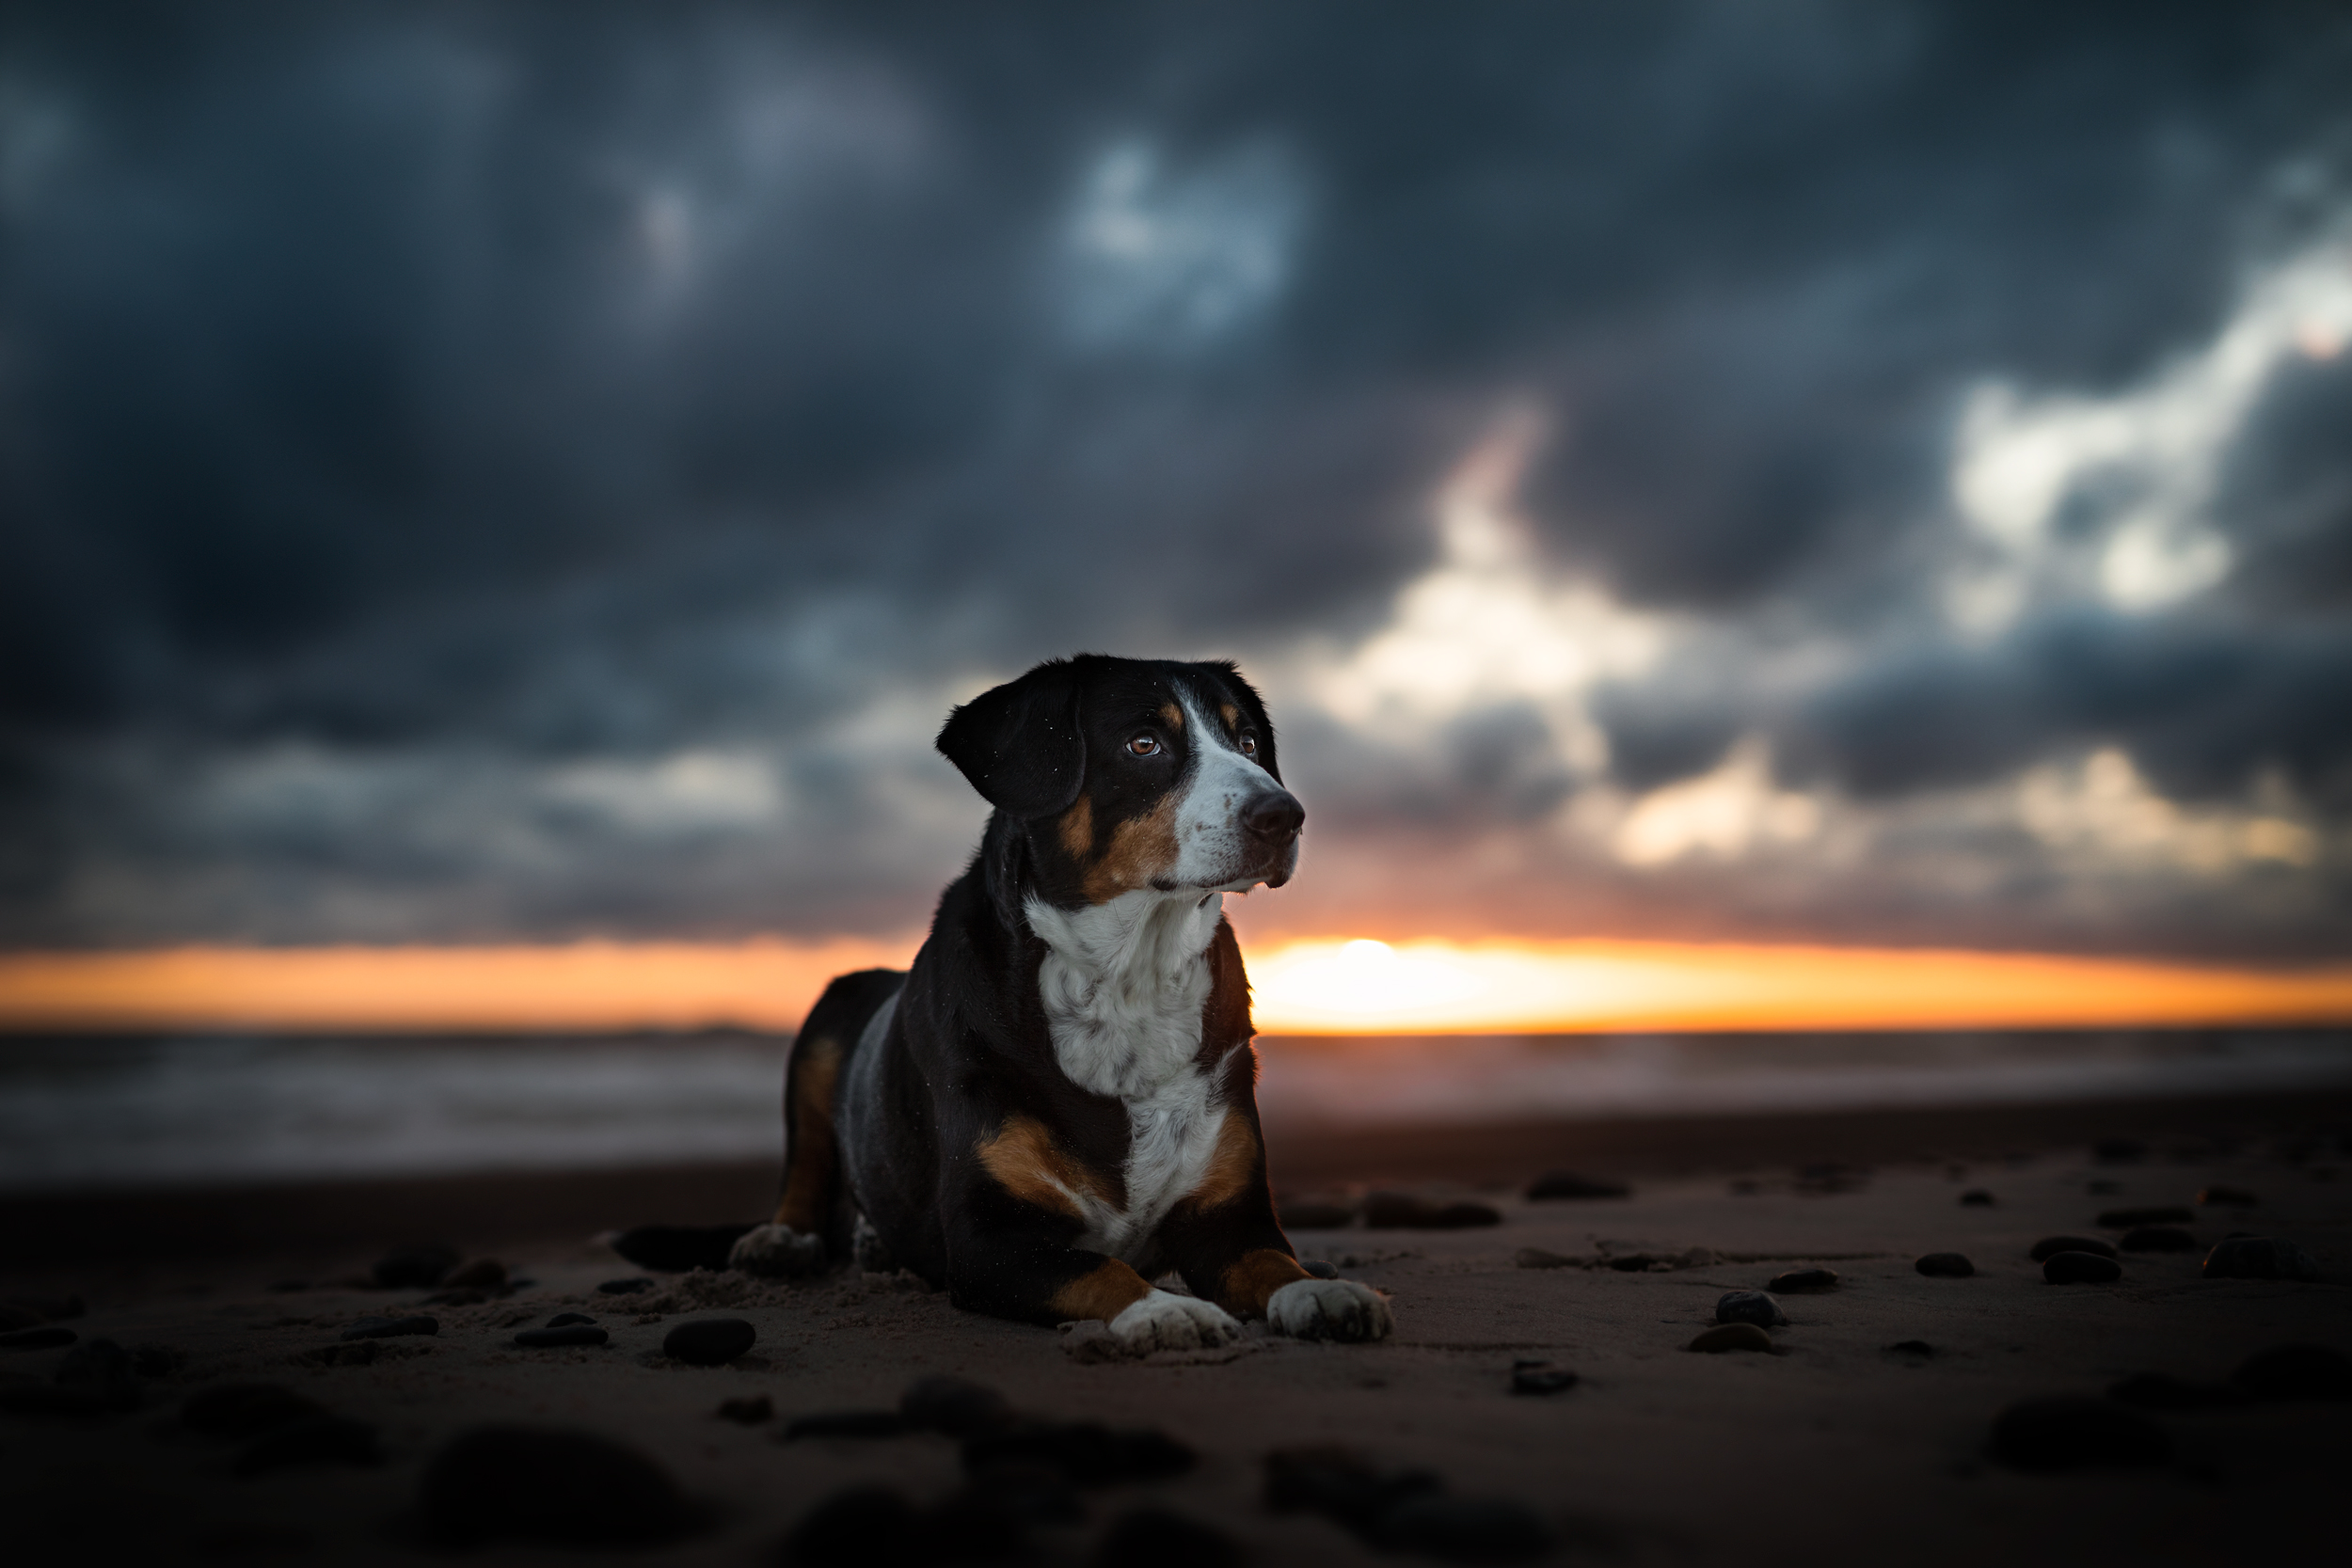 Entlebucher Sennenhund im Sonnenuntergang am Meer in Daenemark